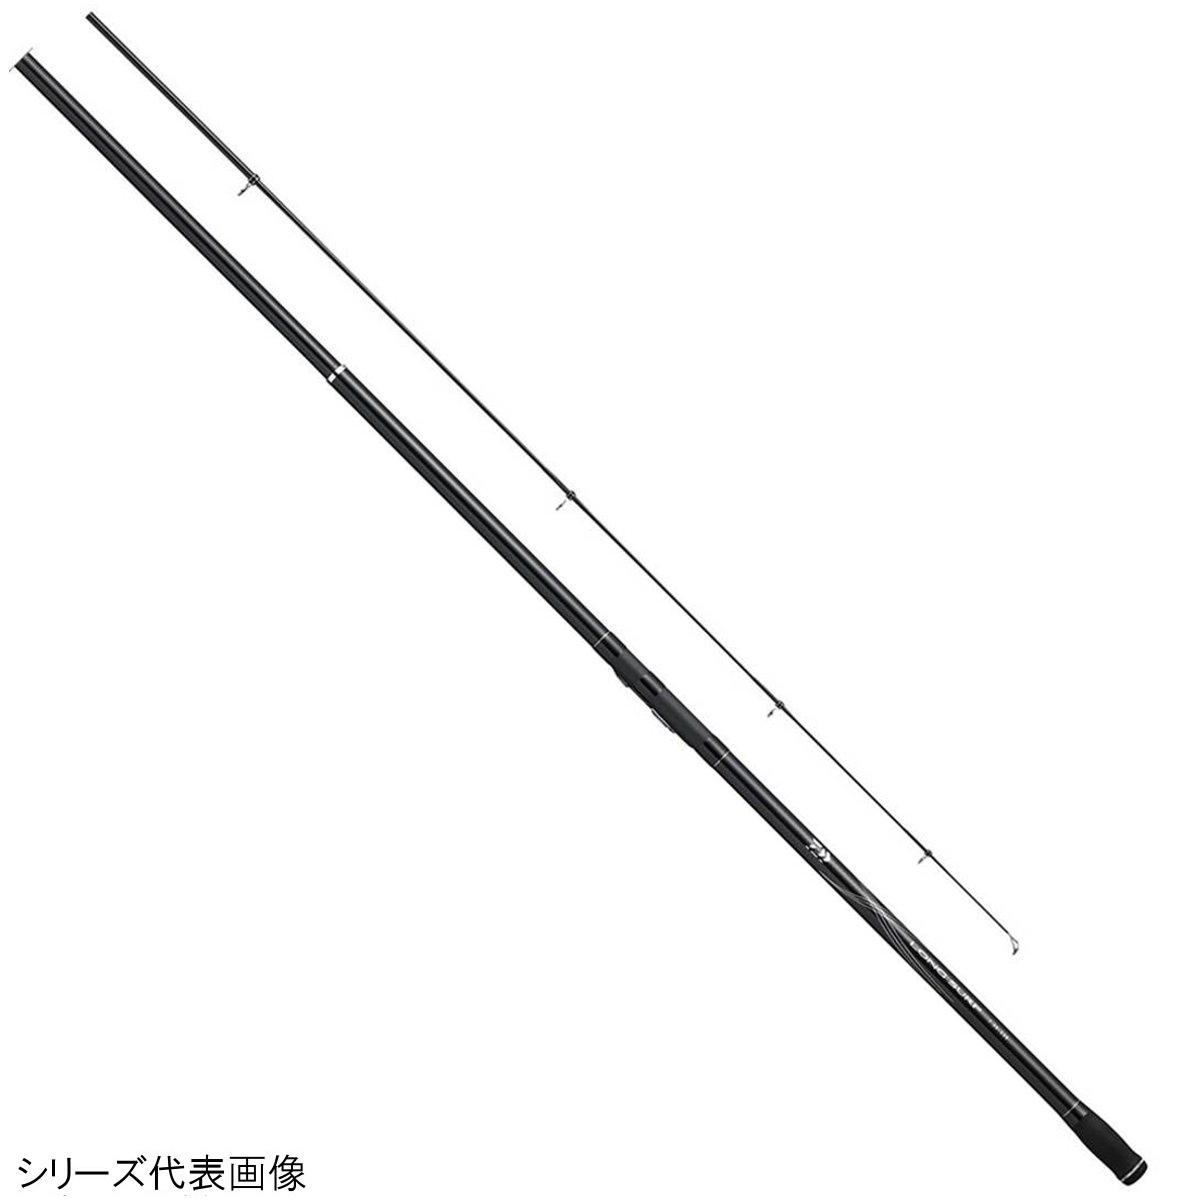 ダイワ ロングサーフ T 35-530・Y【送料無料】